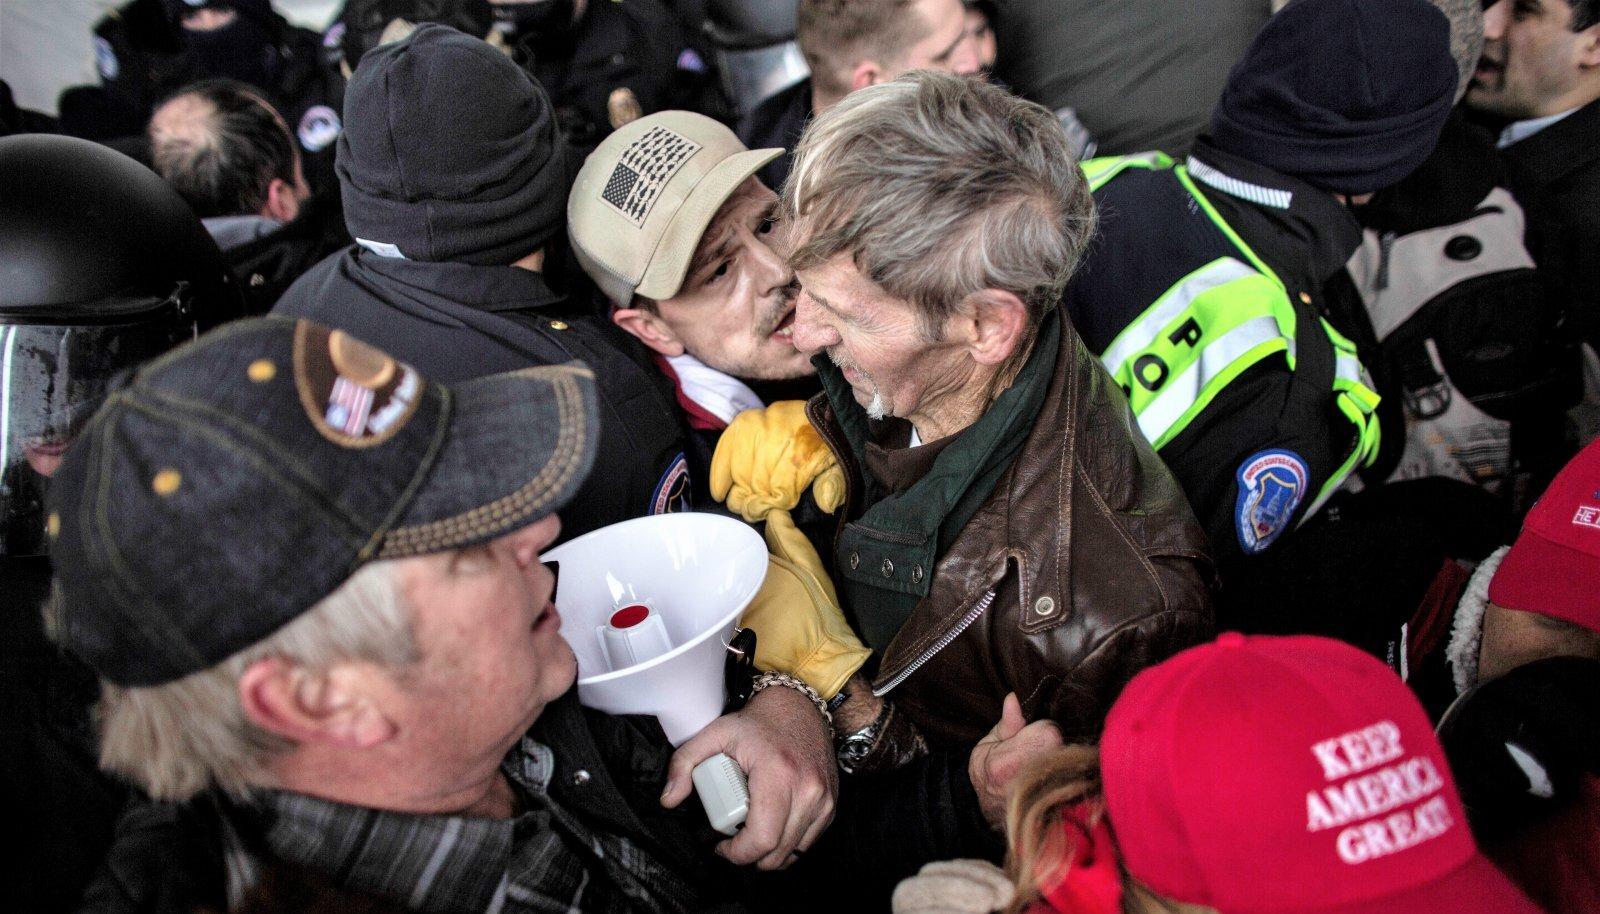 PÄEV, MIS MUUTIS AMEERIKAT: Kokkupõrge Trumpi toetajate ja korrakaitsjate vahel.